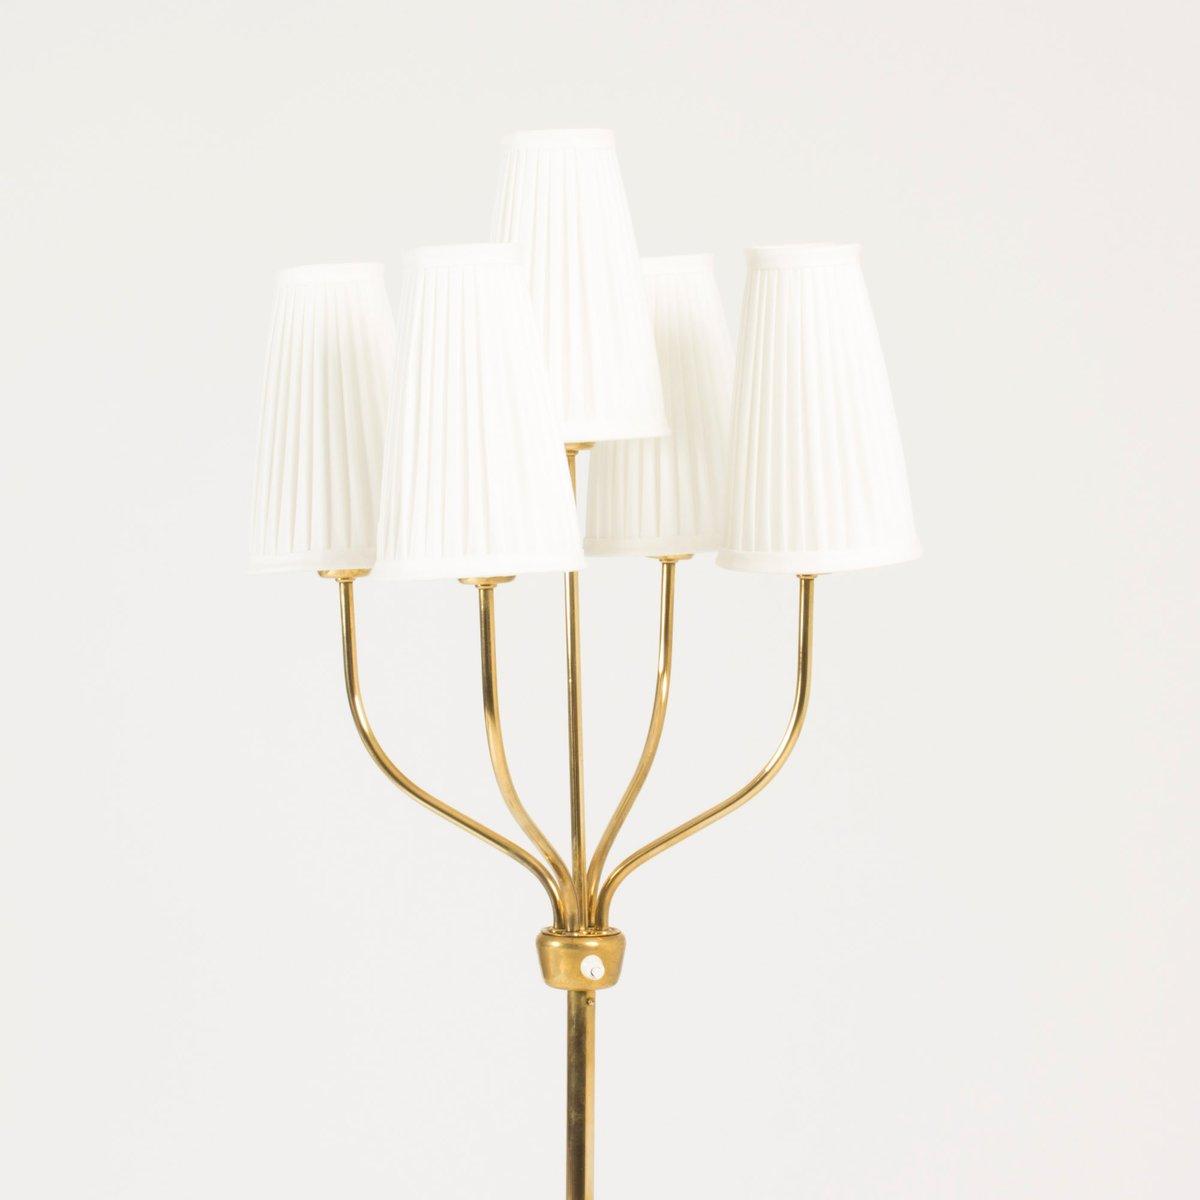 Stehlampe mit 5 schirmen von hans bergstr m f r atelji for Lampe mit mehreren schirmen